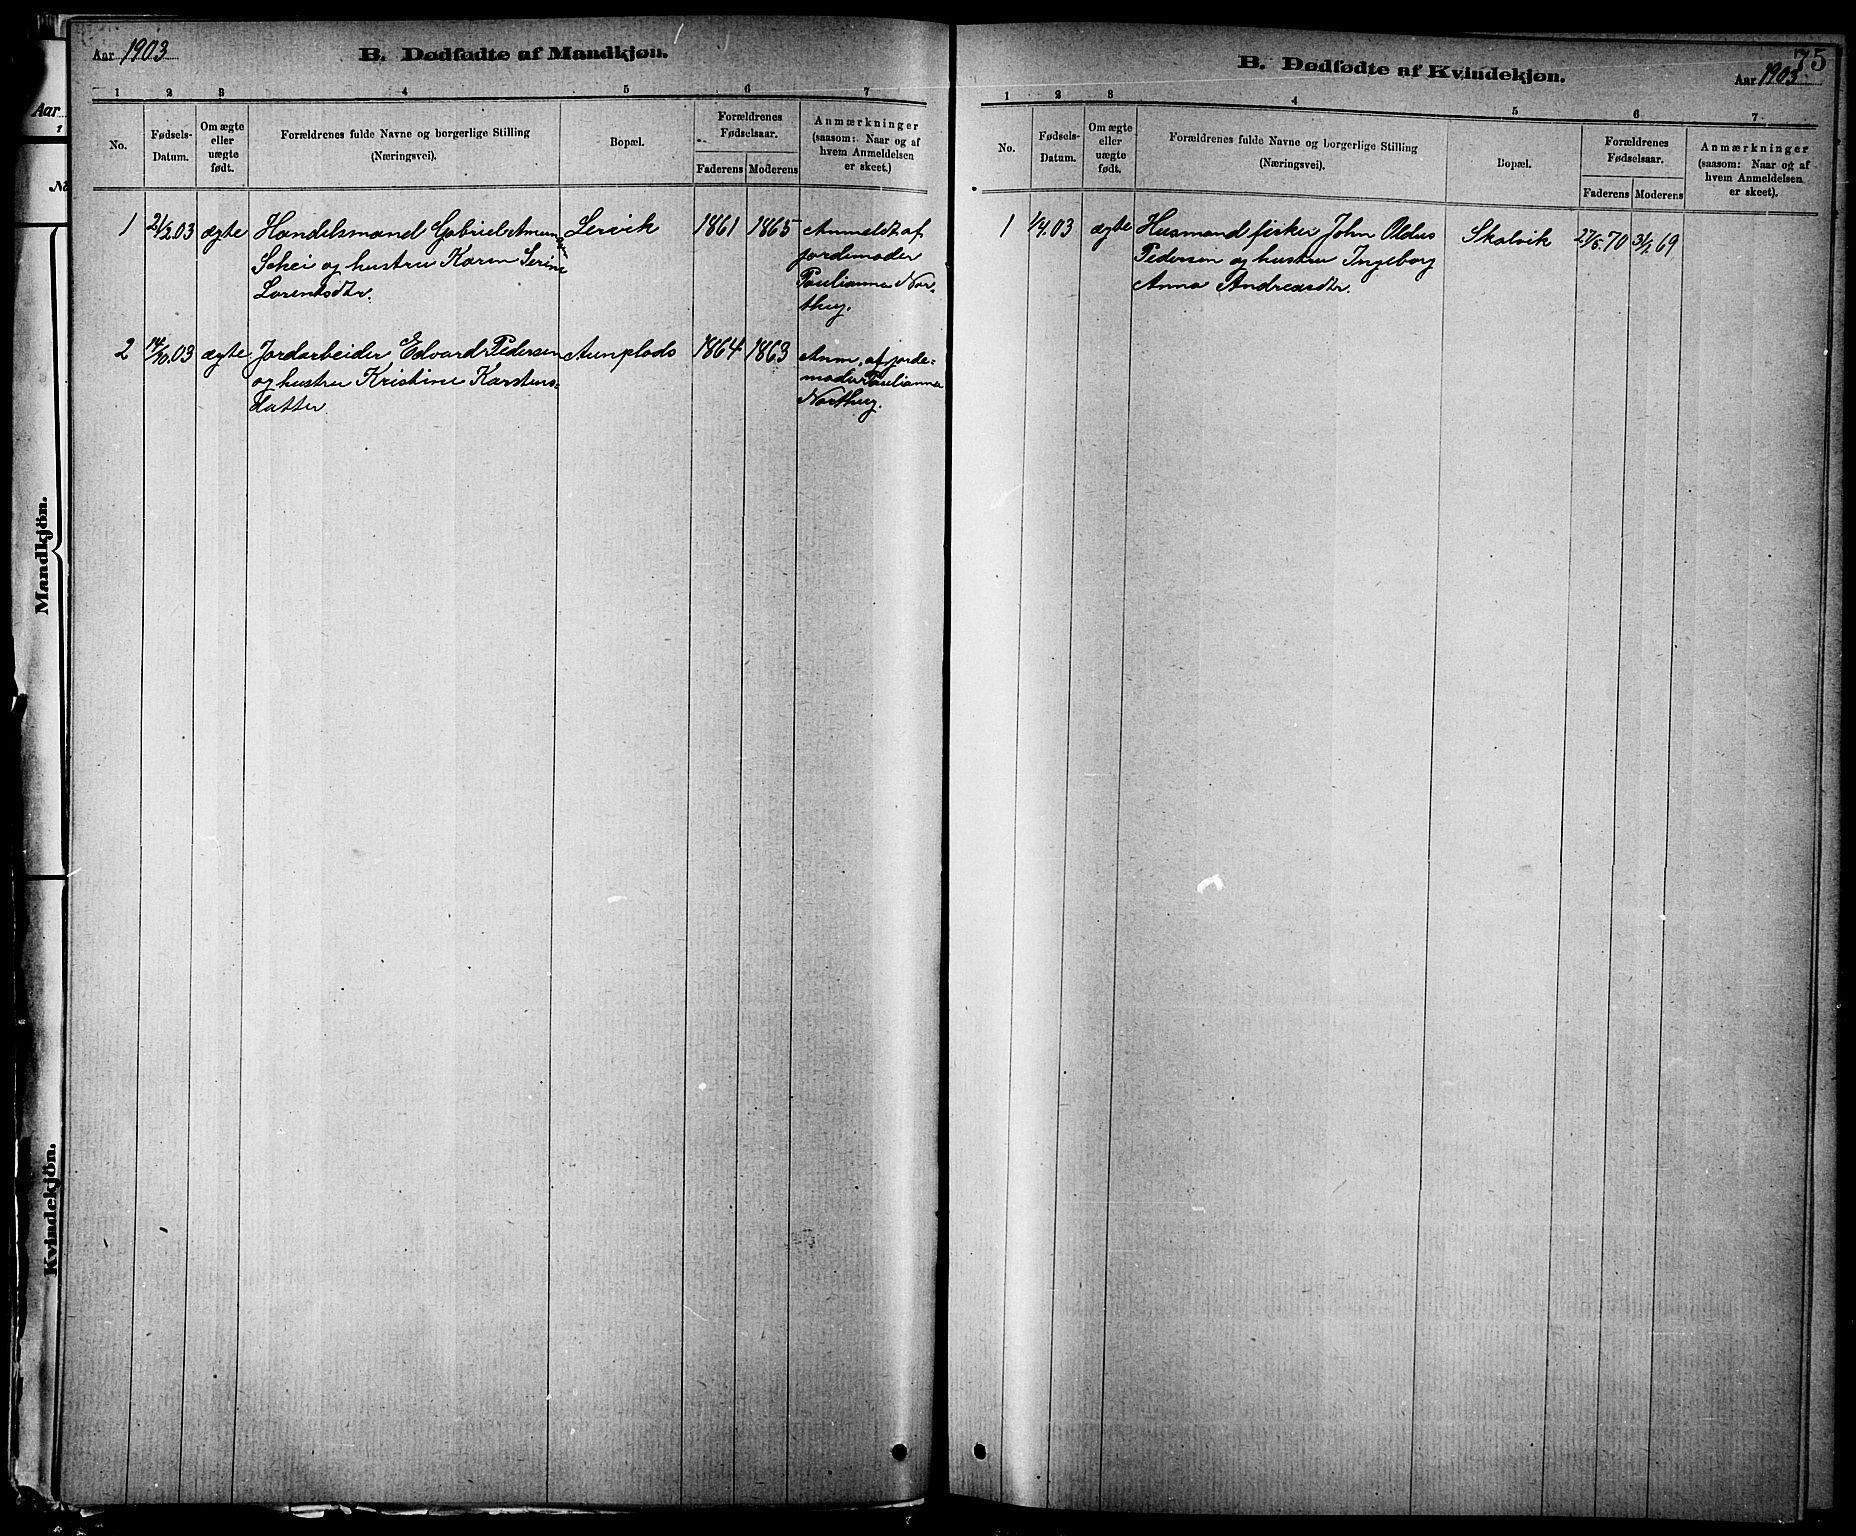 SAT, Ministerialprotokoller, klokkerbøker og fødselsregistre - Nord-Trøndelag, 744/L0423: Klokkerbok nr. 744C02, 1886-1905, s. 75